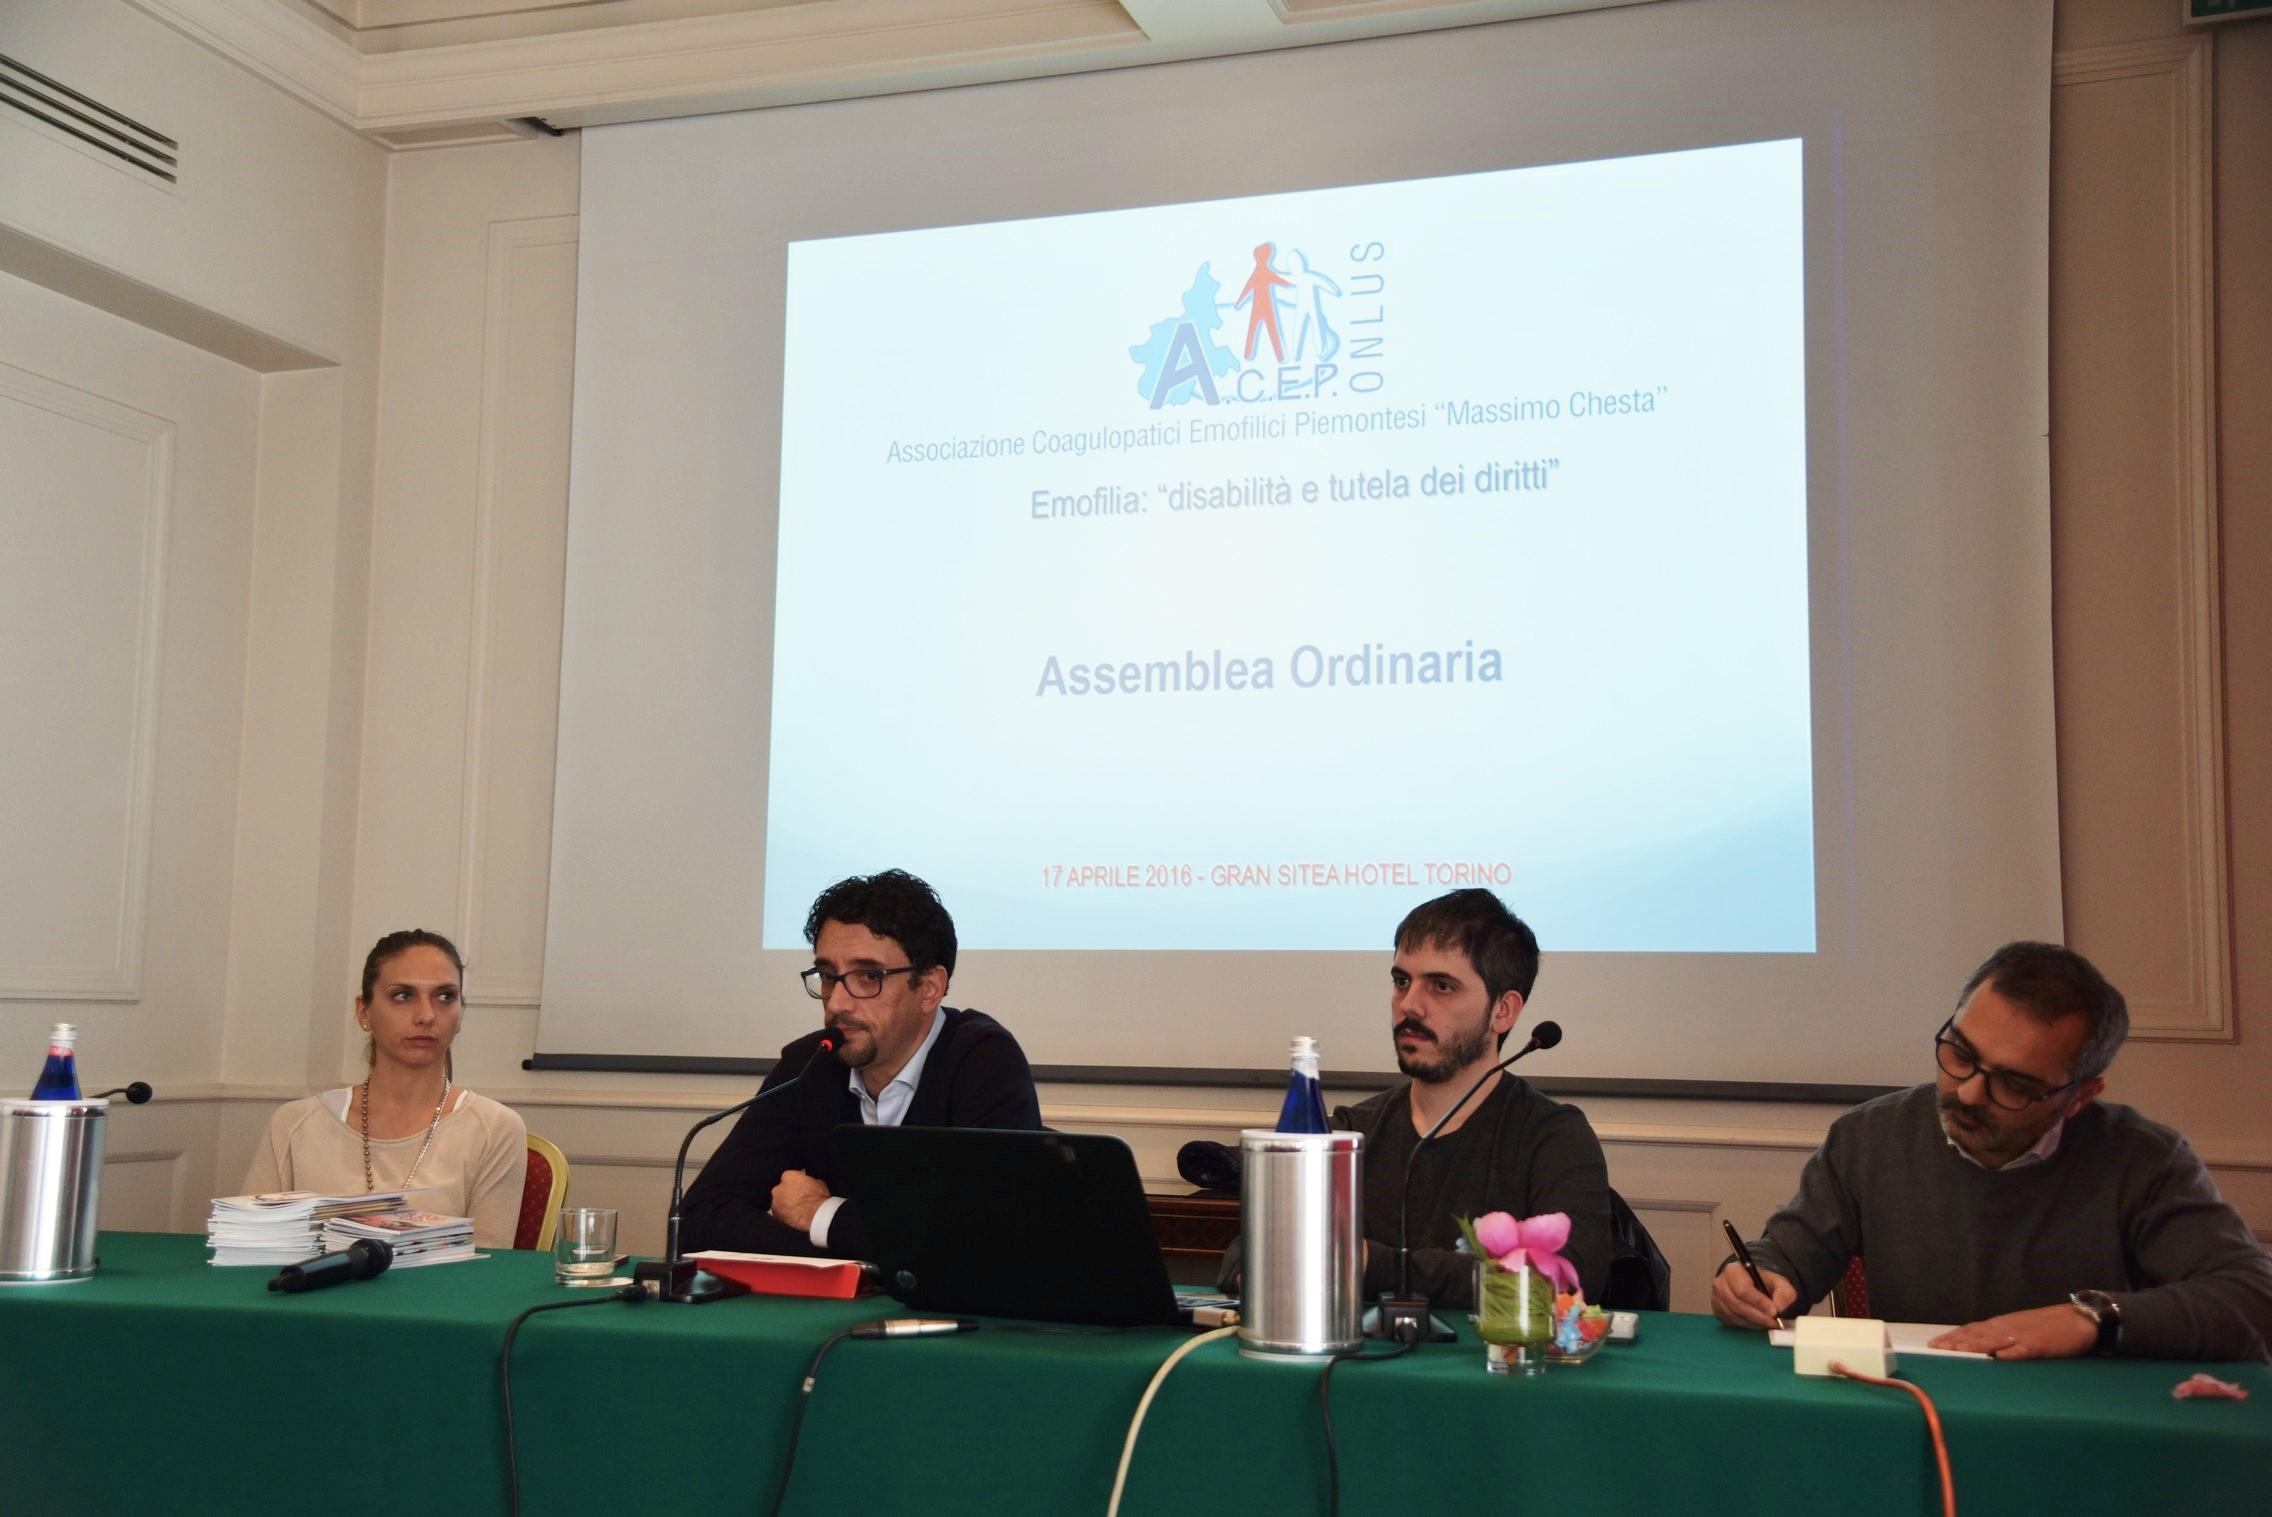 Eleonora Forneris, Alberto Garnero, Alessandro Bertola, Mario Serra